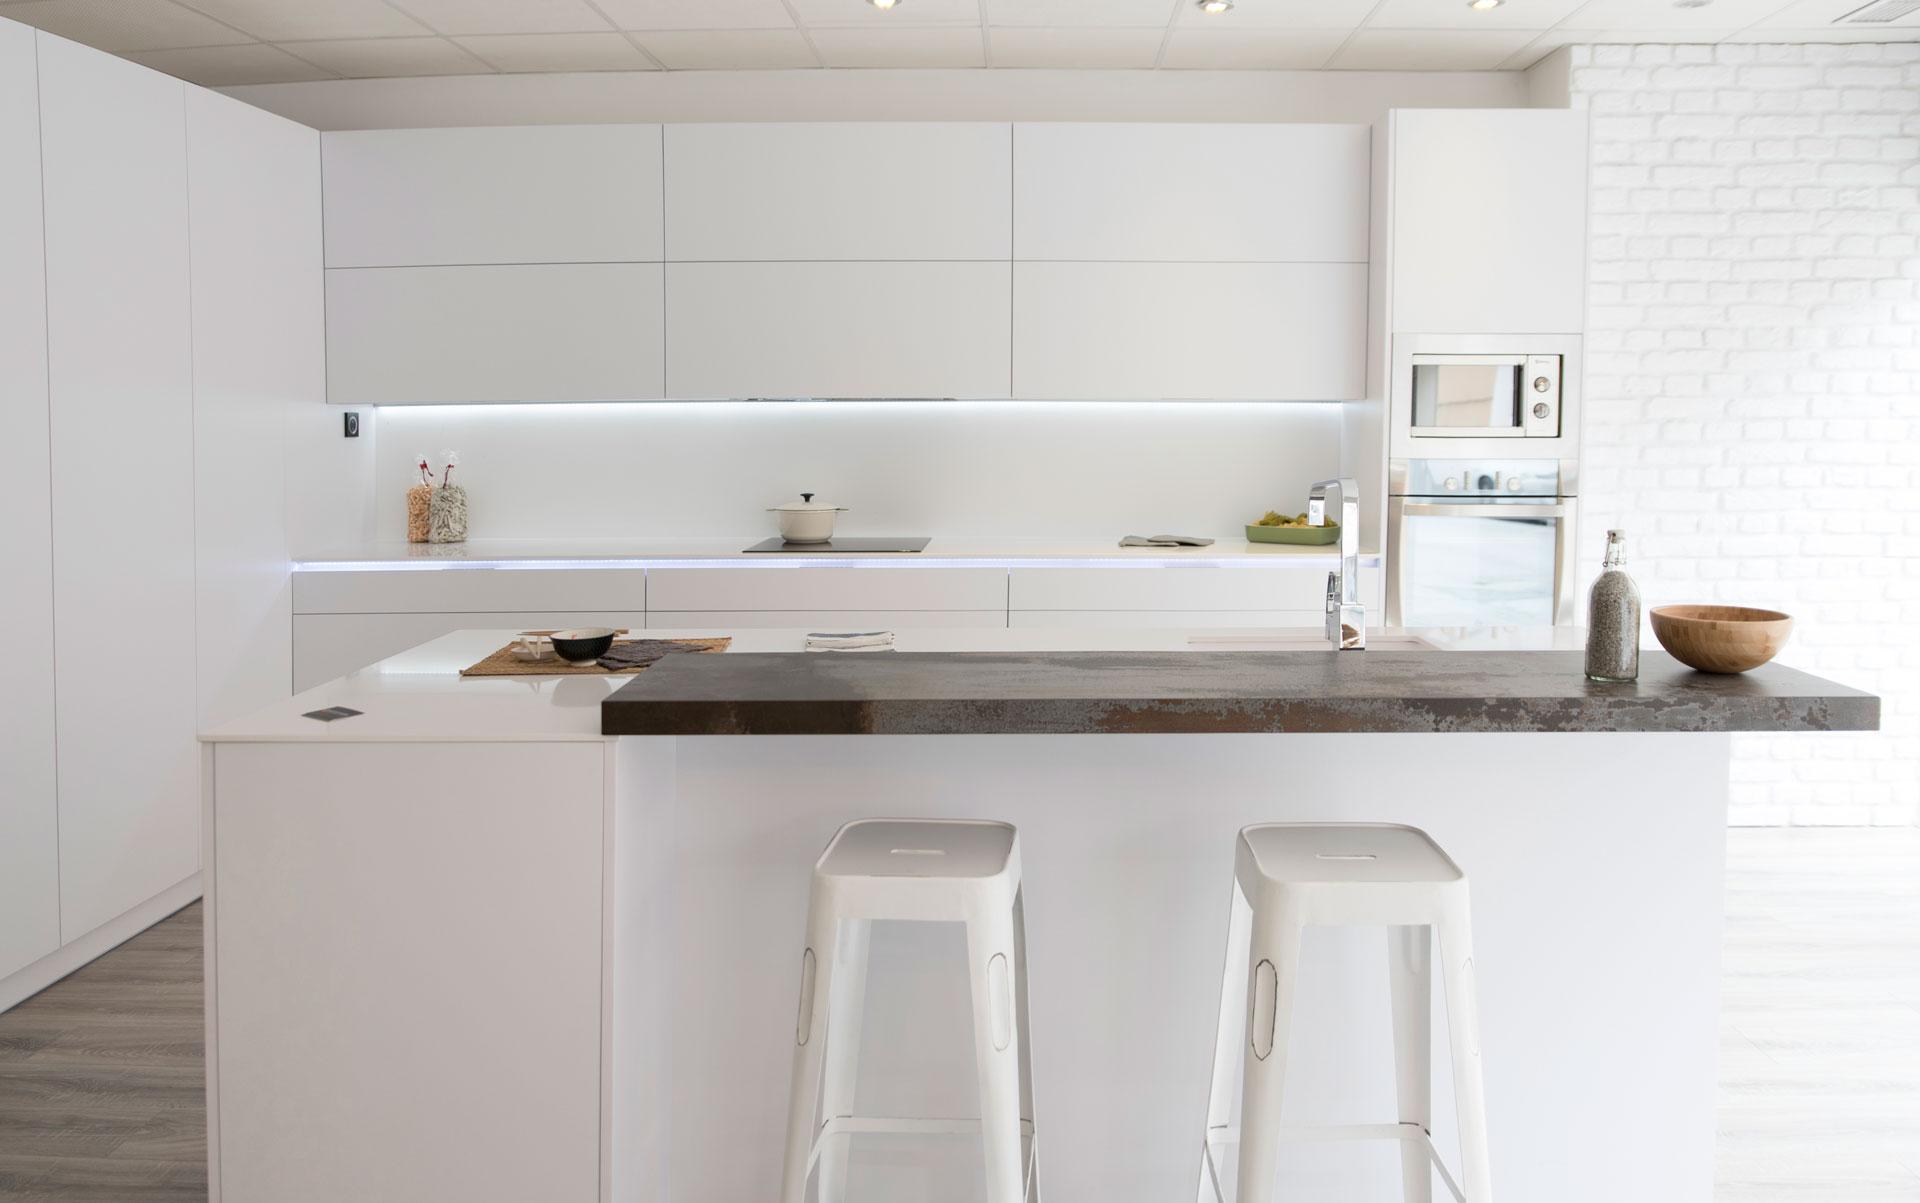 Muebles para la cocina sin tiradores arcomobel - Tiradores de cocina modernos ...